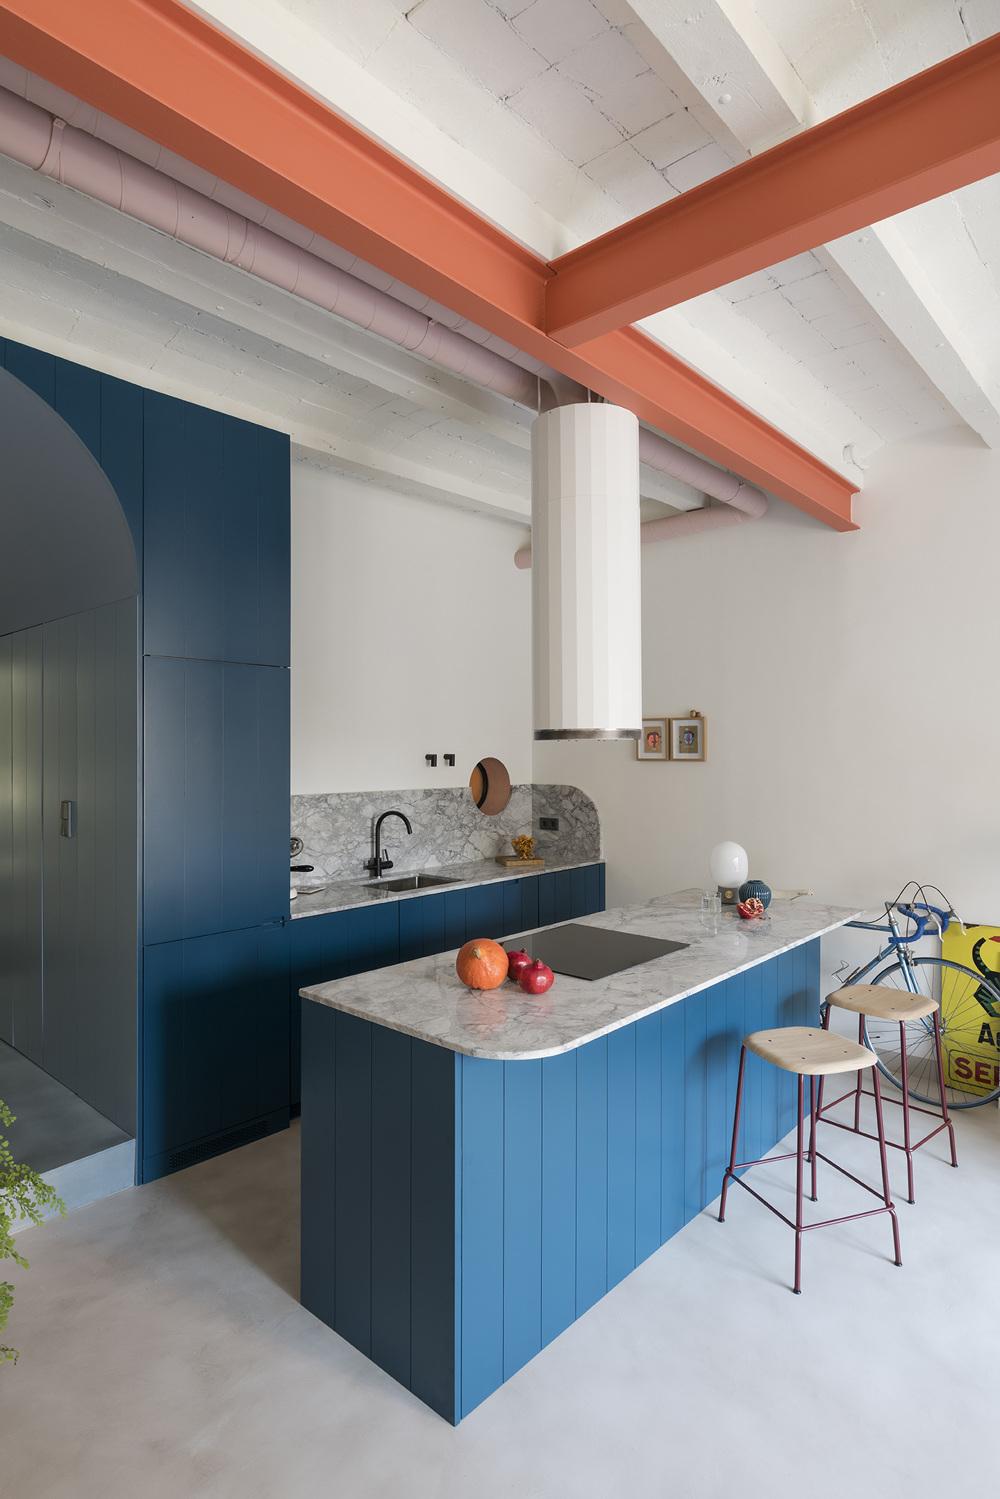 Design by  Colombo & Serboli Architecture  &  Margherita Serboli Arquitectura  | Photography by  Roberto Ruiz